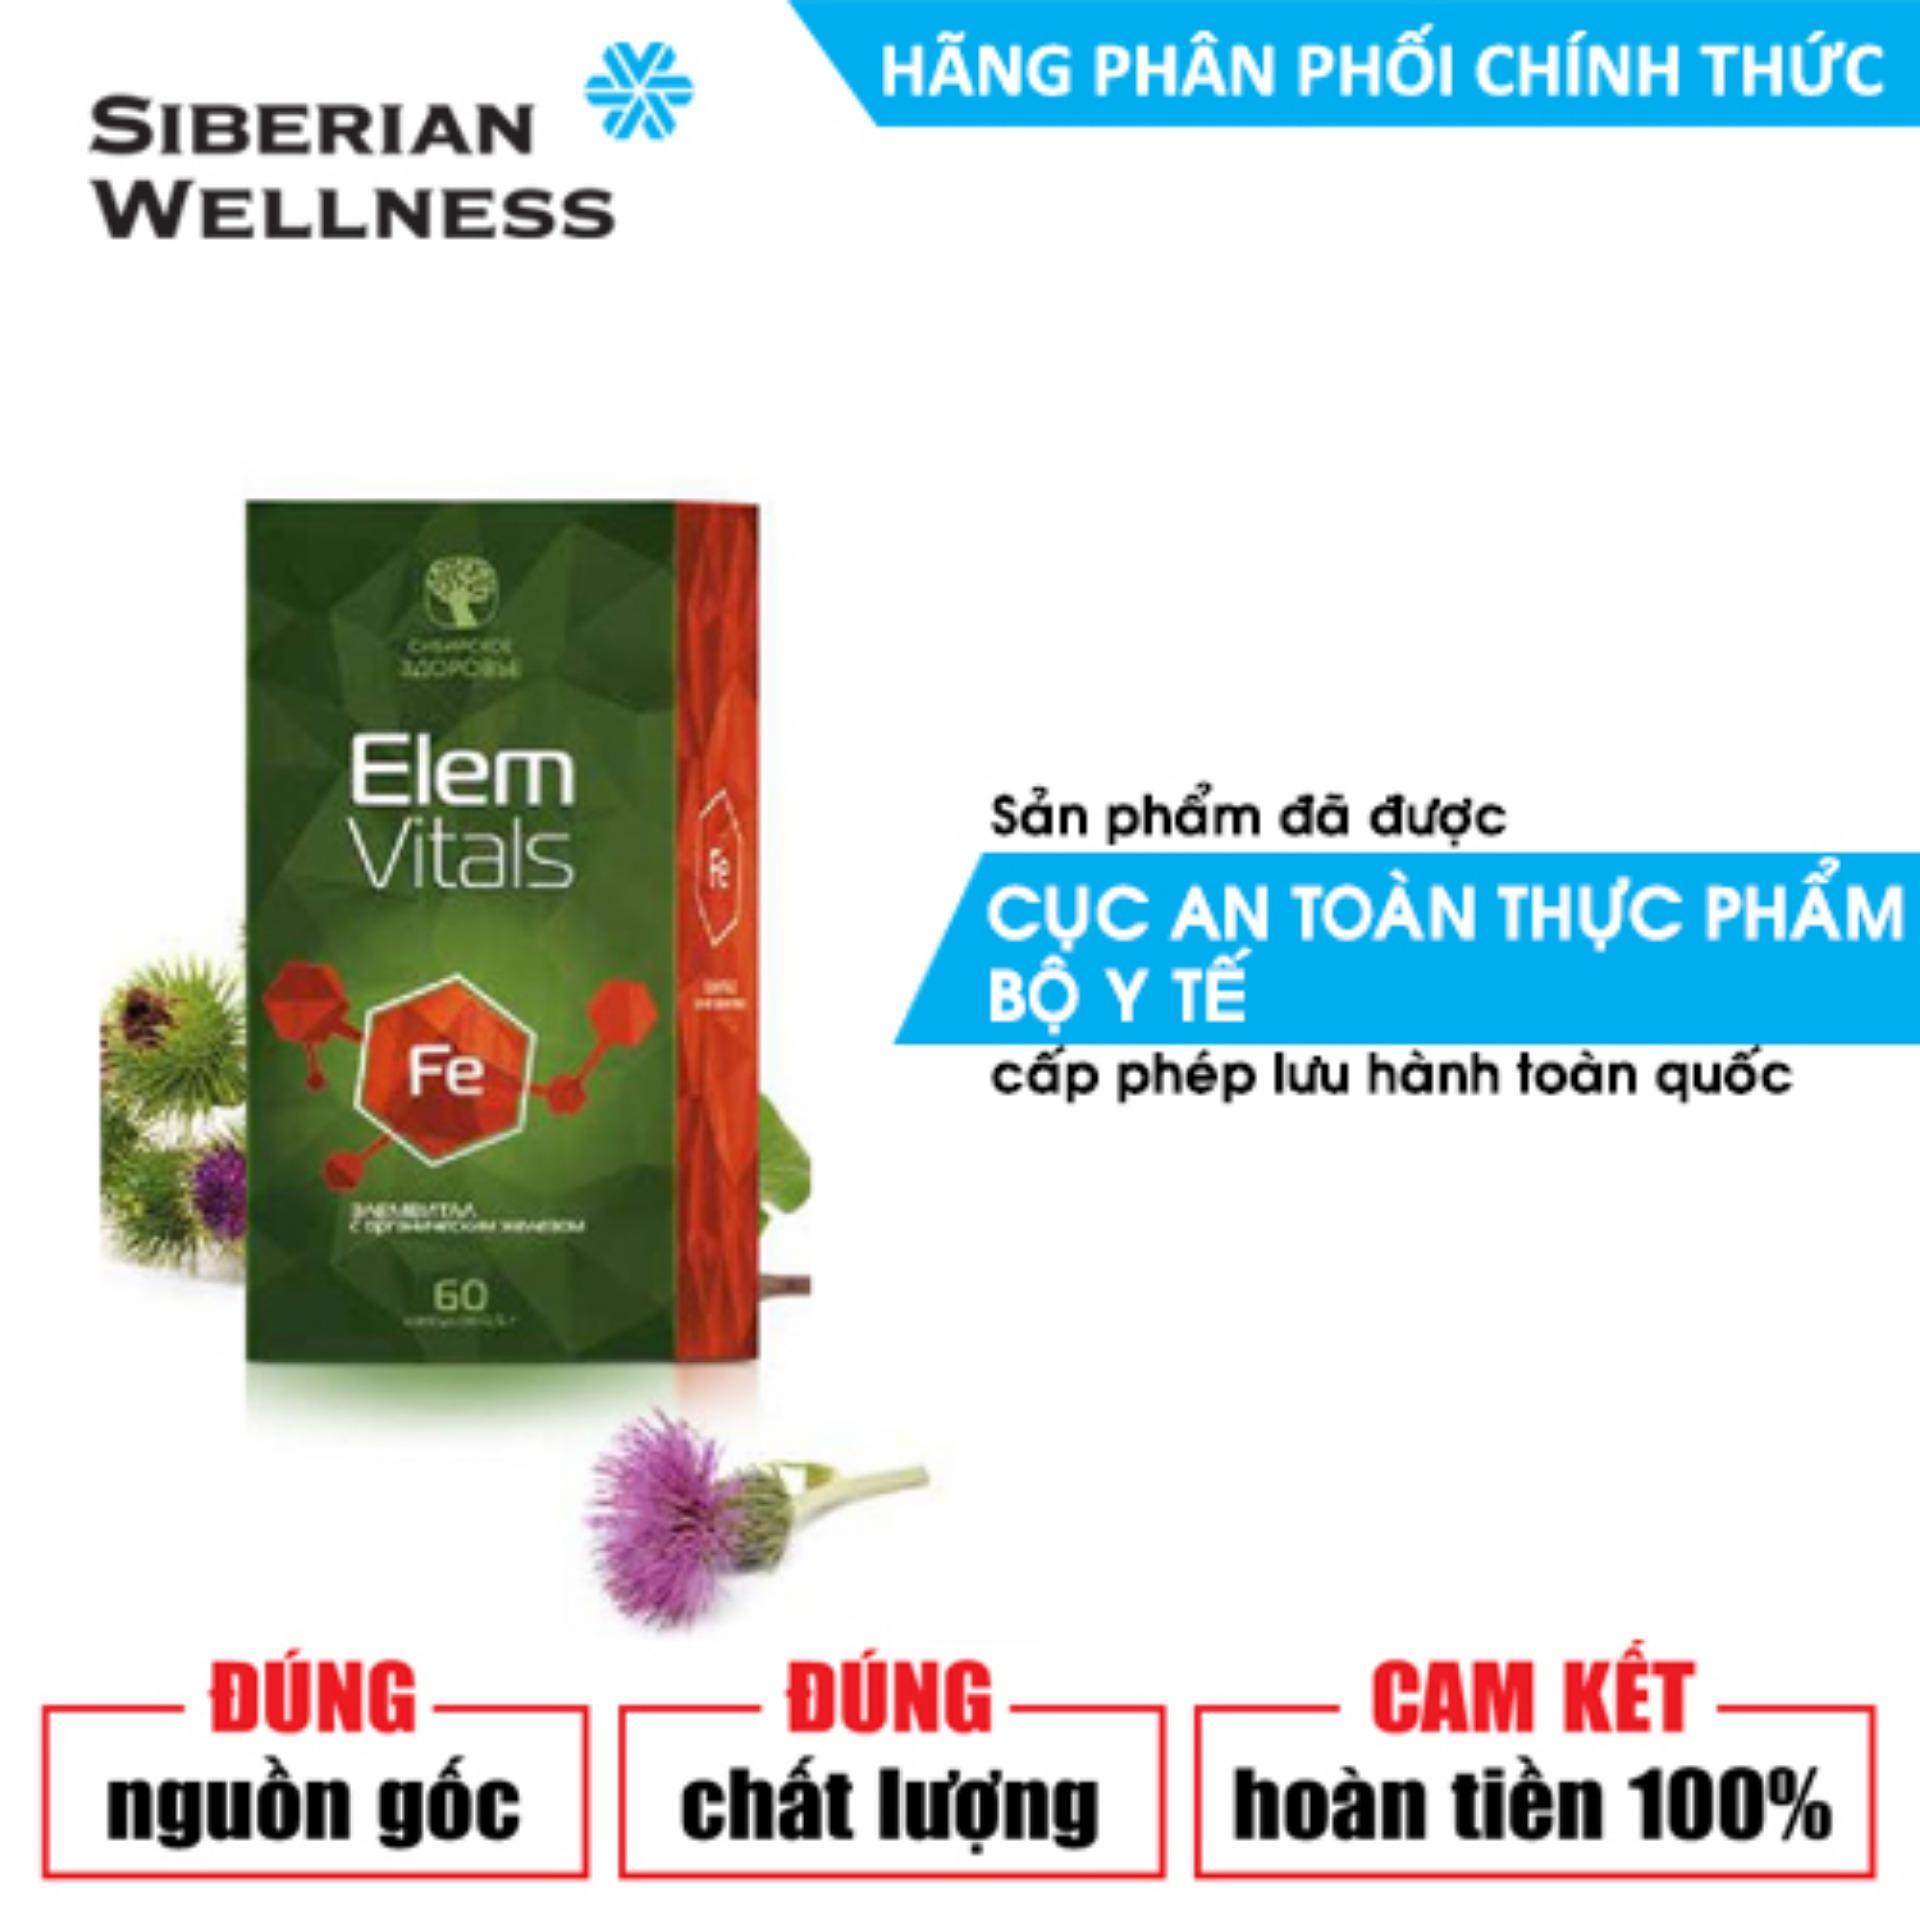 TPCN hỗ trợ quá trình tạo máu và hồng cầu, giúp phòng ngừa thiếu máu do thiếu sắt Elemvitals Iron with Siberian herbs (Siberian Health) - Hãng phân phối chính thức